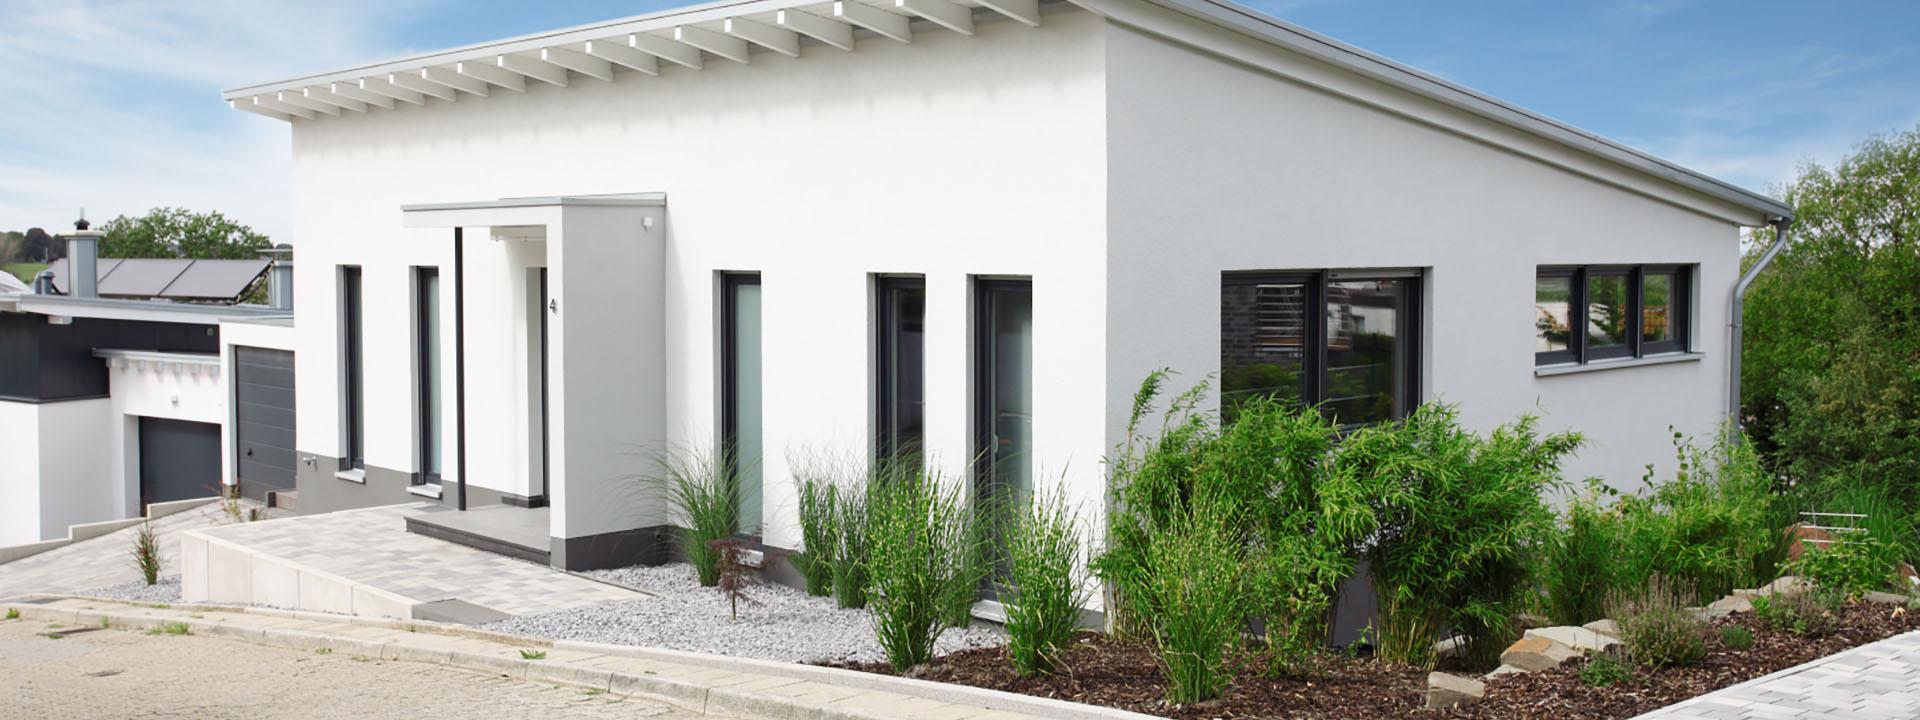 Home Schwingeler Architekturburo